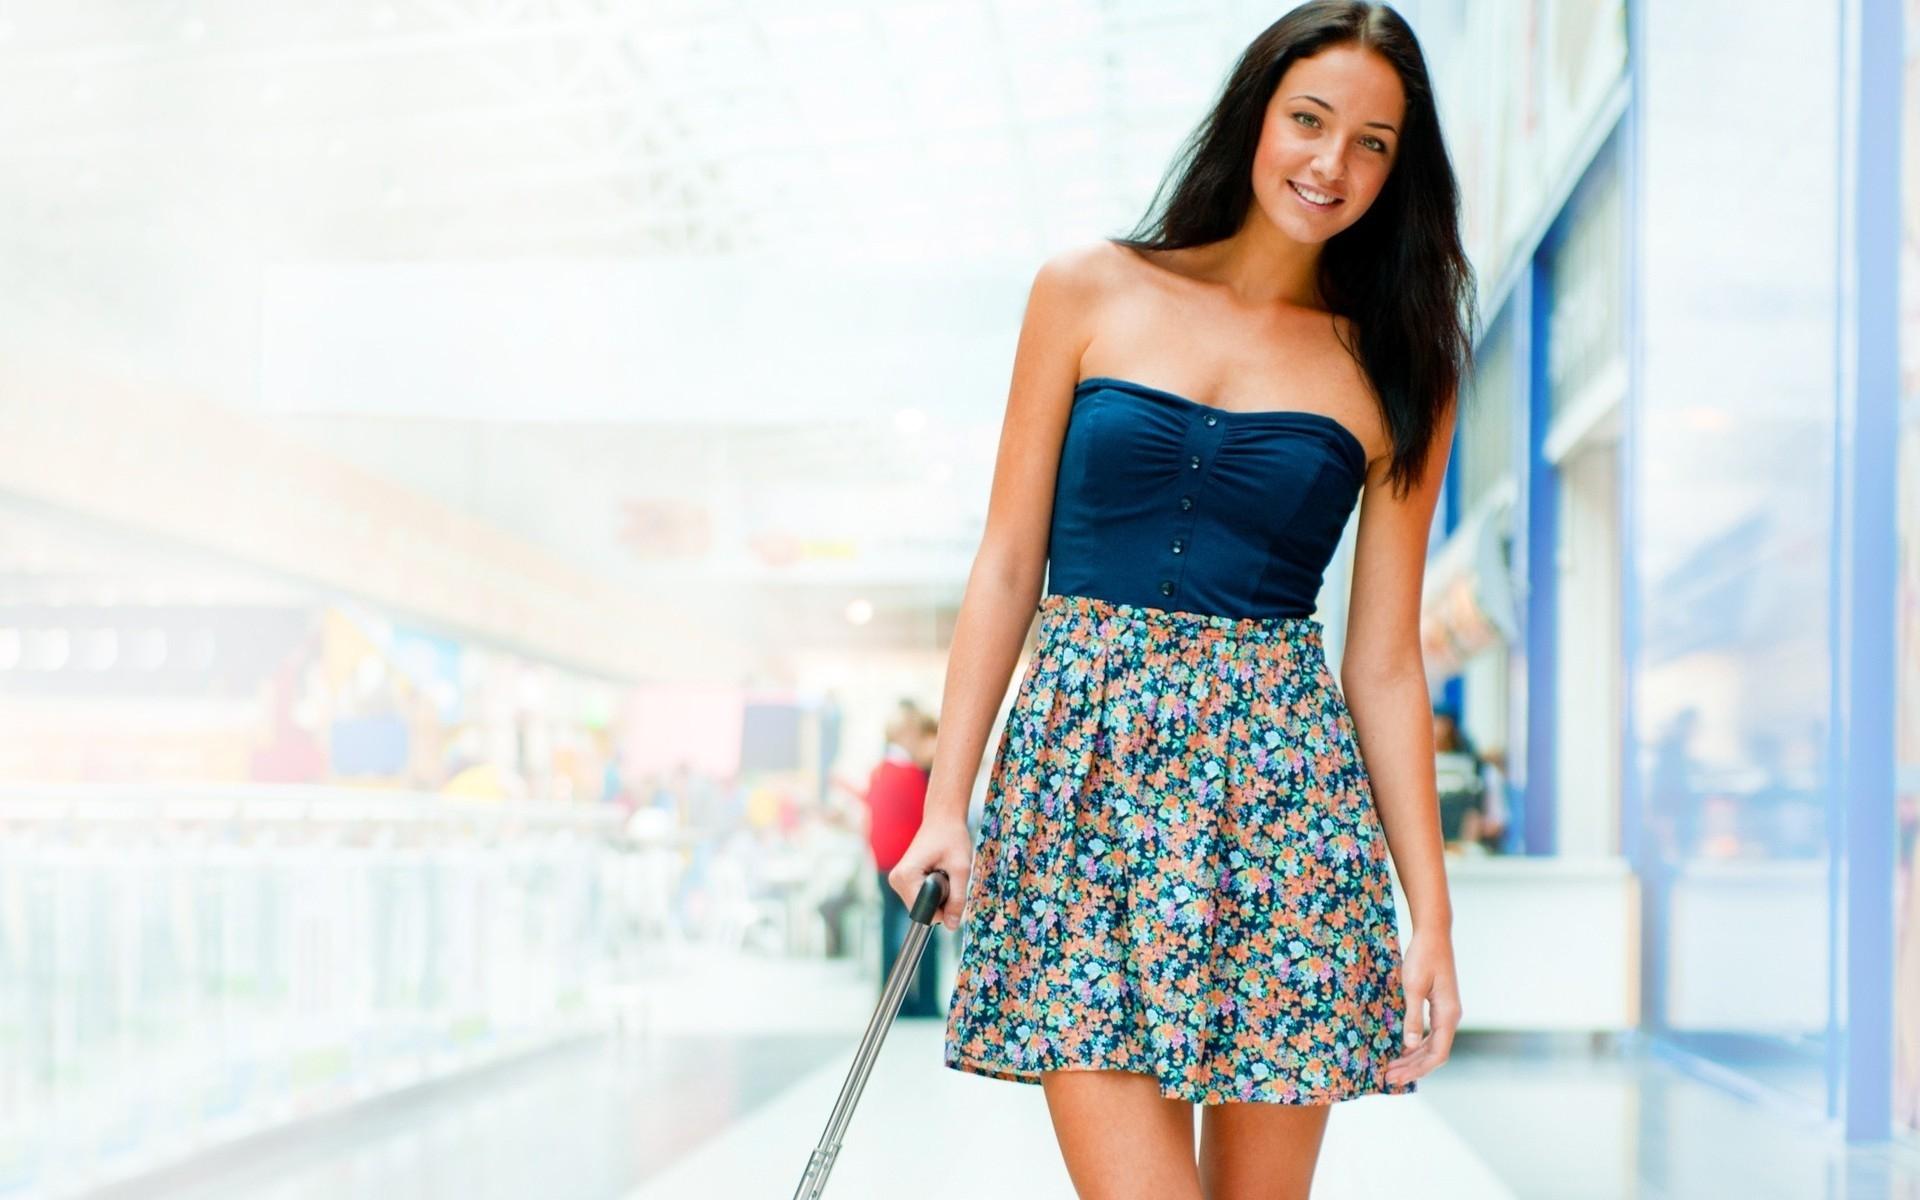 Картинки Девушка, платье, улыбка, брюнетка, красивая фото и обои на рабочий стол